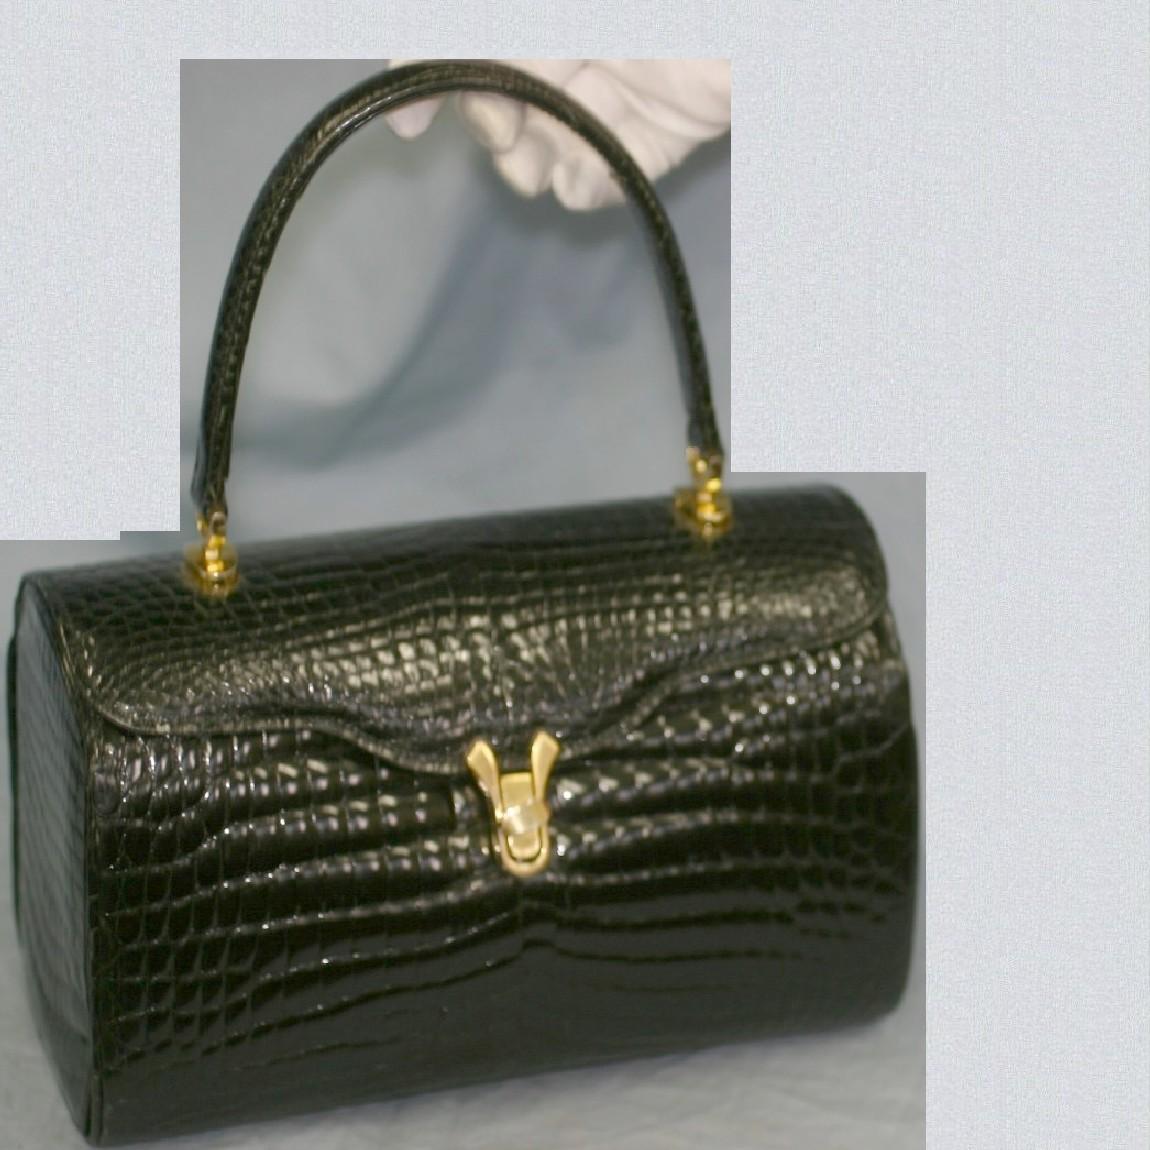 【ギフト】 【中古】本物綺麗クロコ素材黒女性用使いやすいお洒落な25,5cmバッグ, こだわりほんものSHOP:7e731347 --- ejyan-antena.xyz